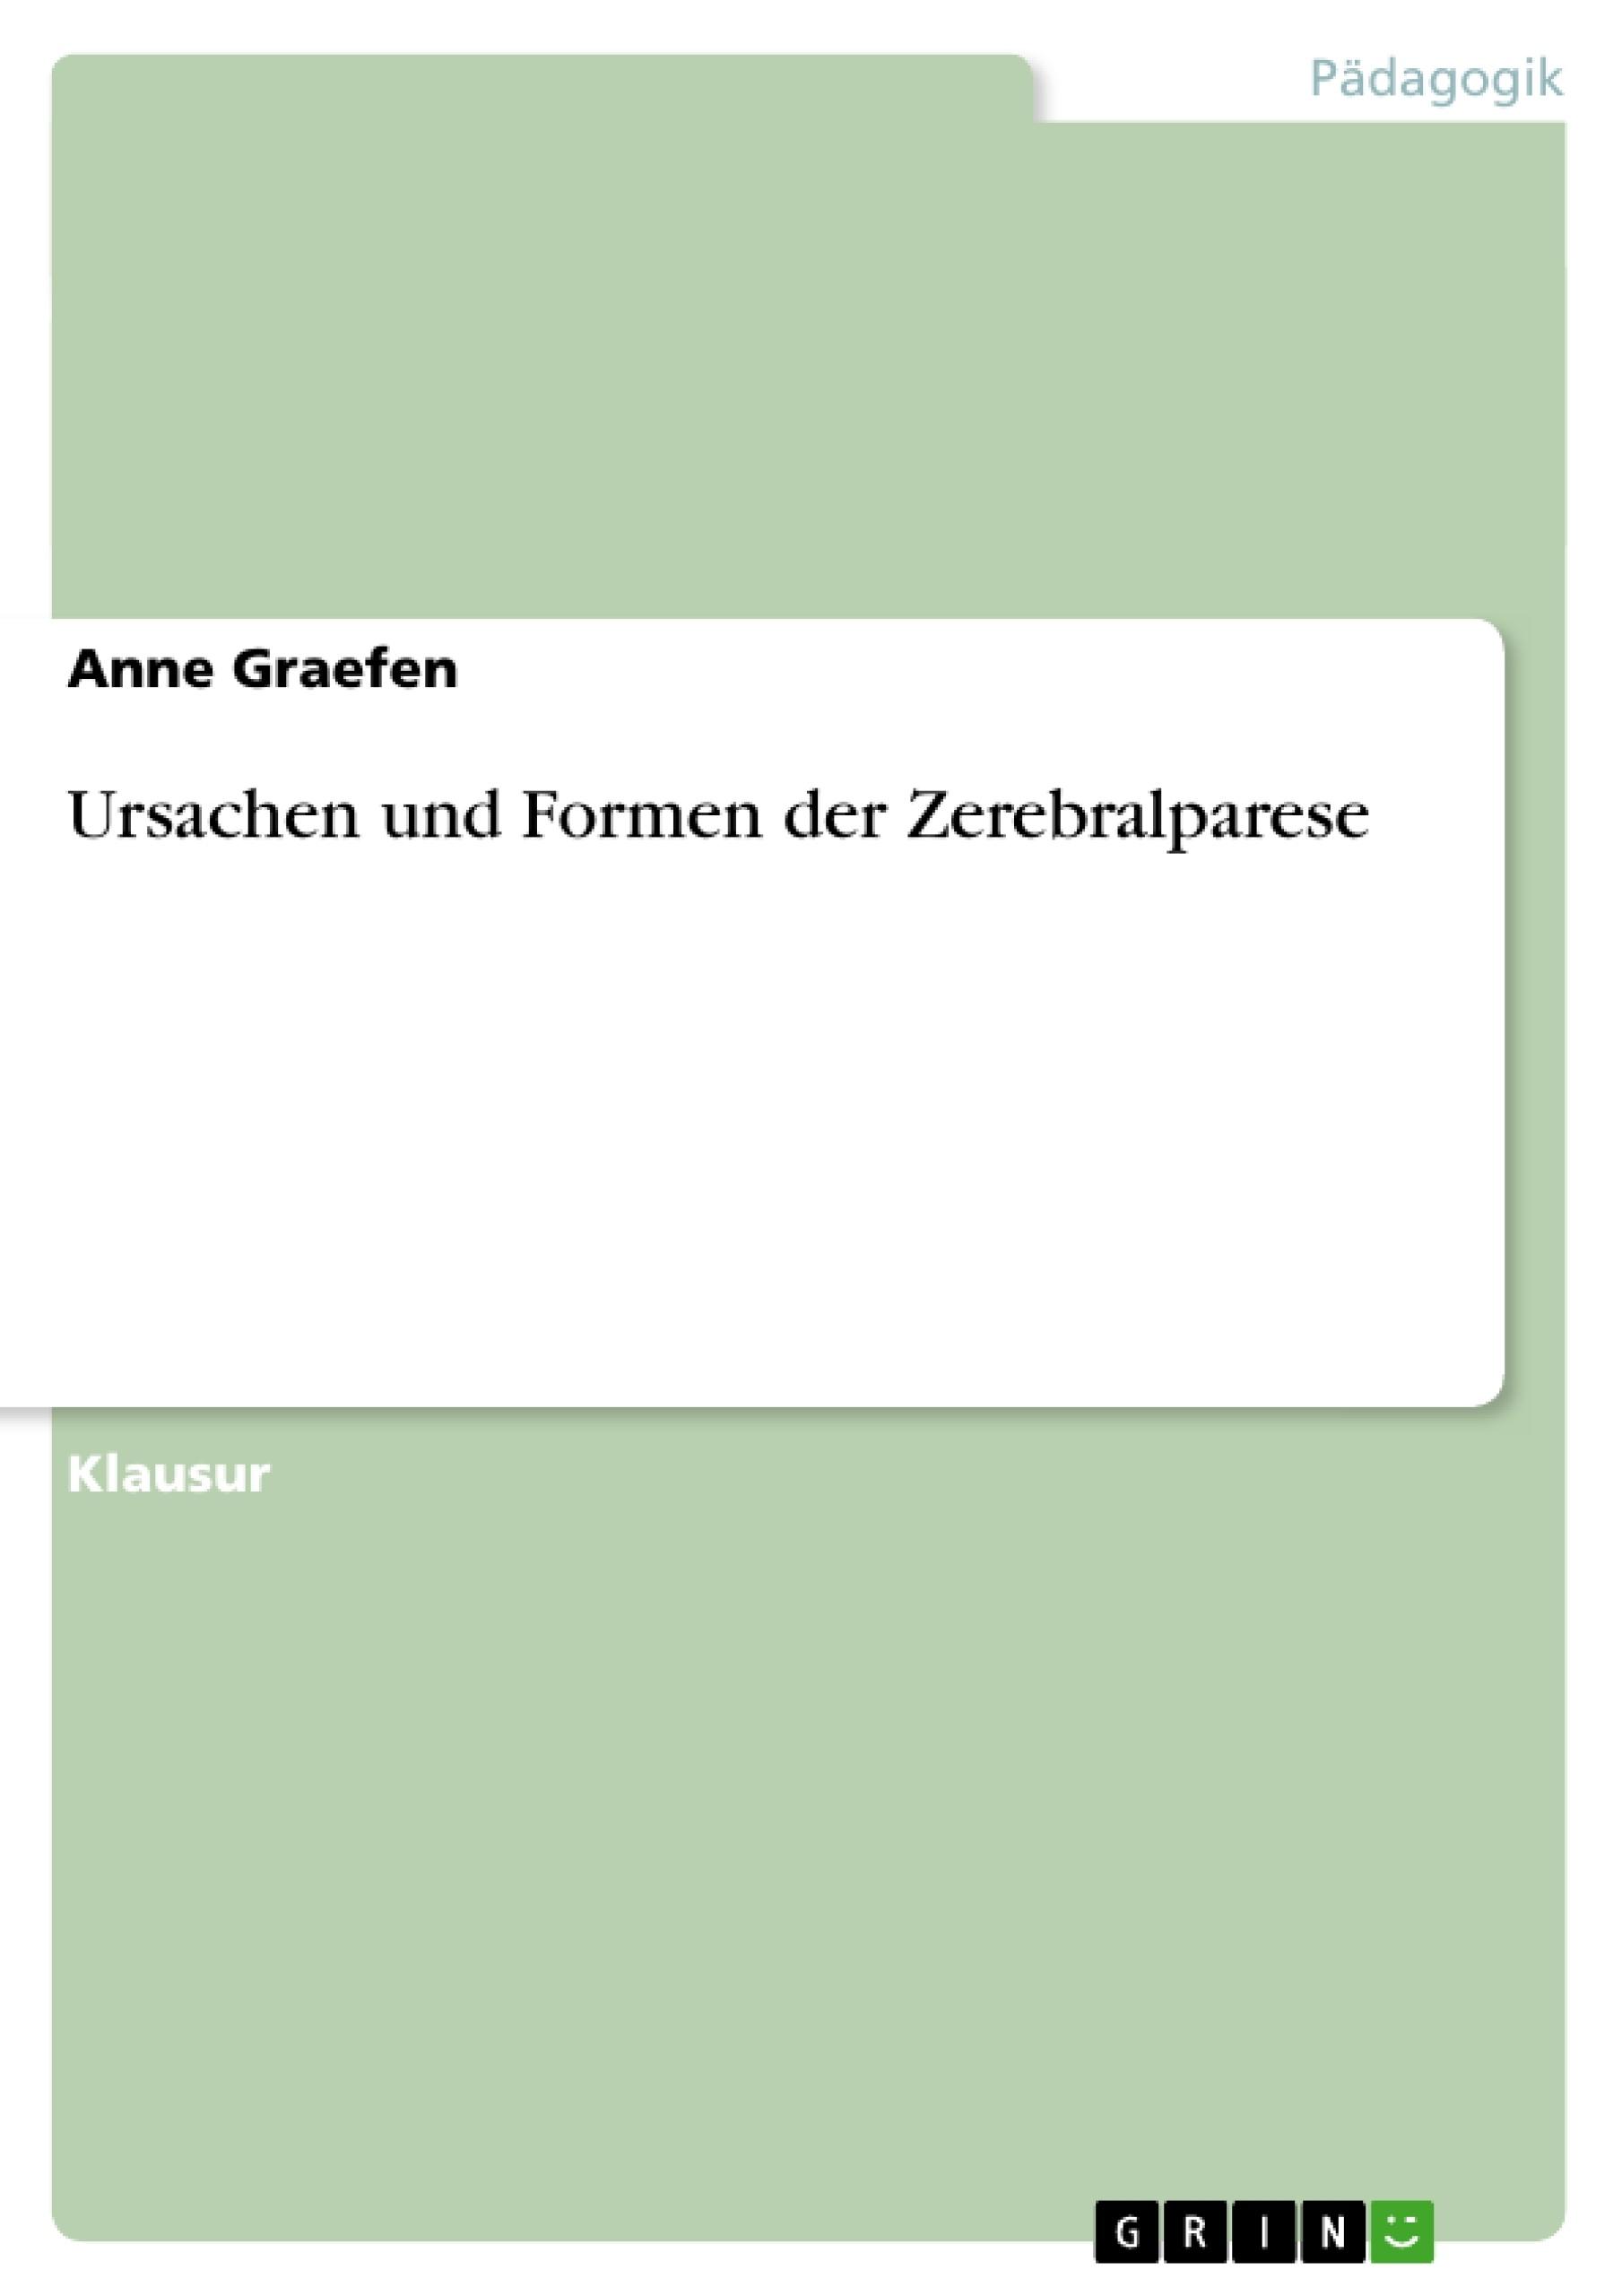 Titel: Ursachen und Formen der Zerebralparese